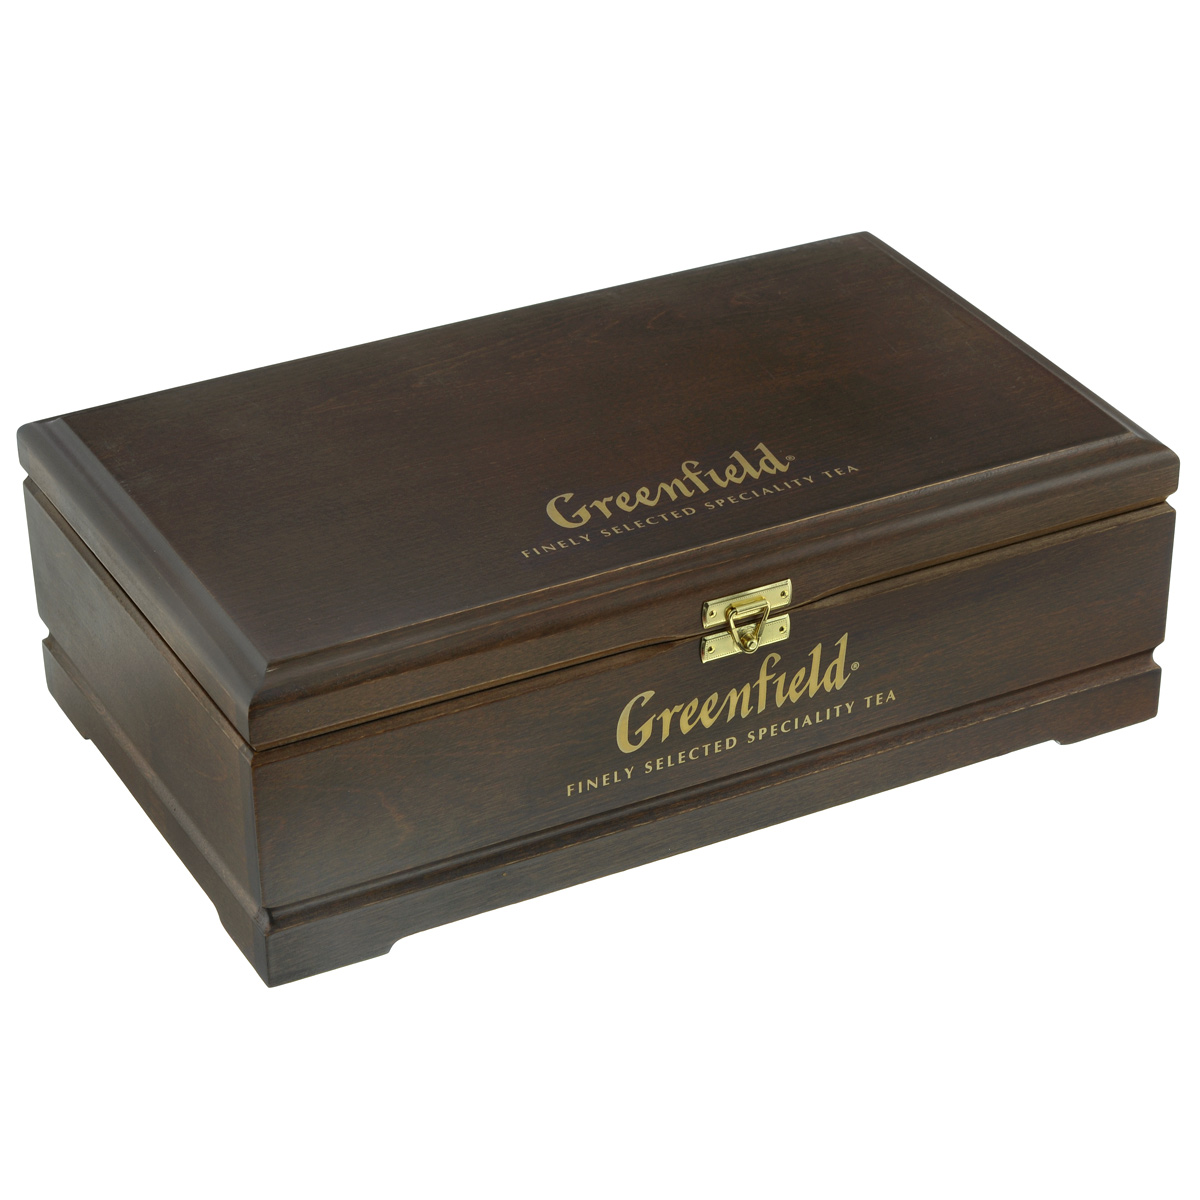 Greenfield подарочный набор: 8 видов чая, 178 г (деревянная шкатулка) greenfield jasmine dream зеленый ароматизированный листовой чай 200 г